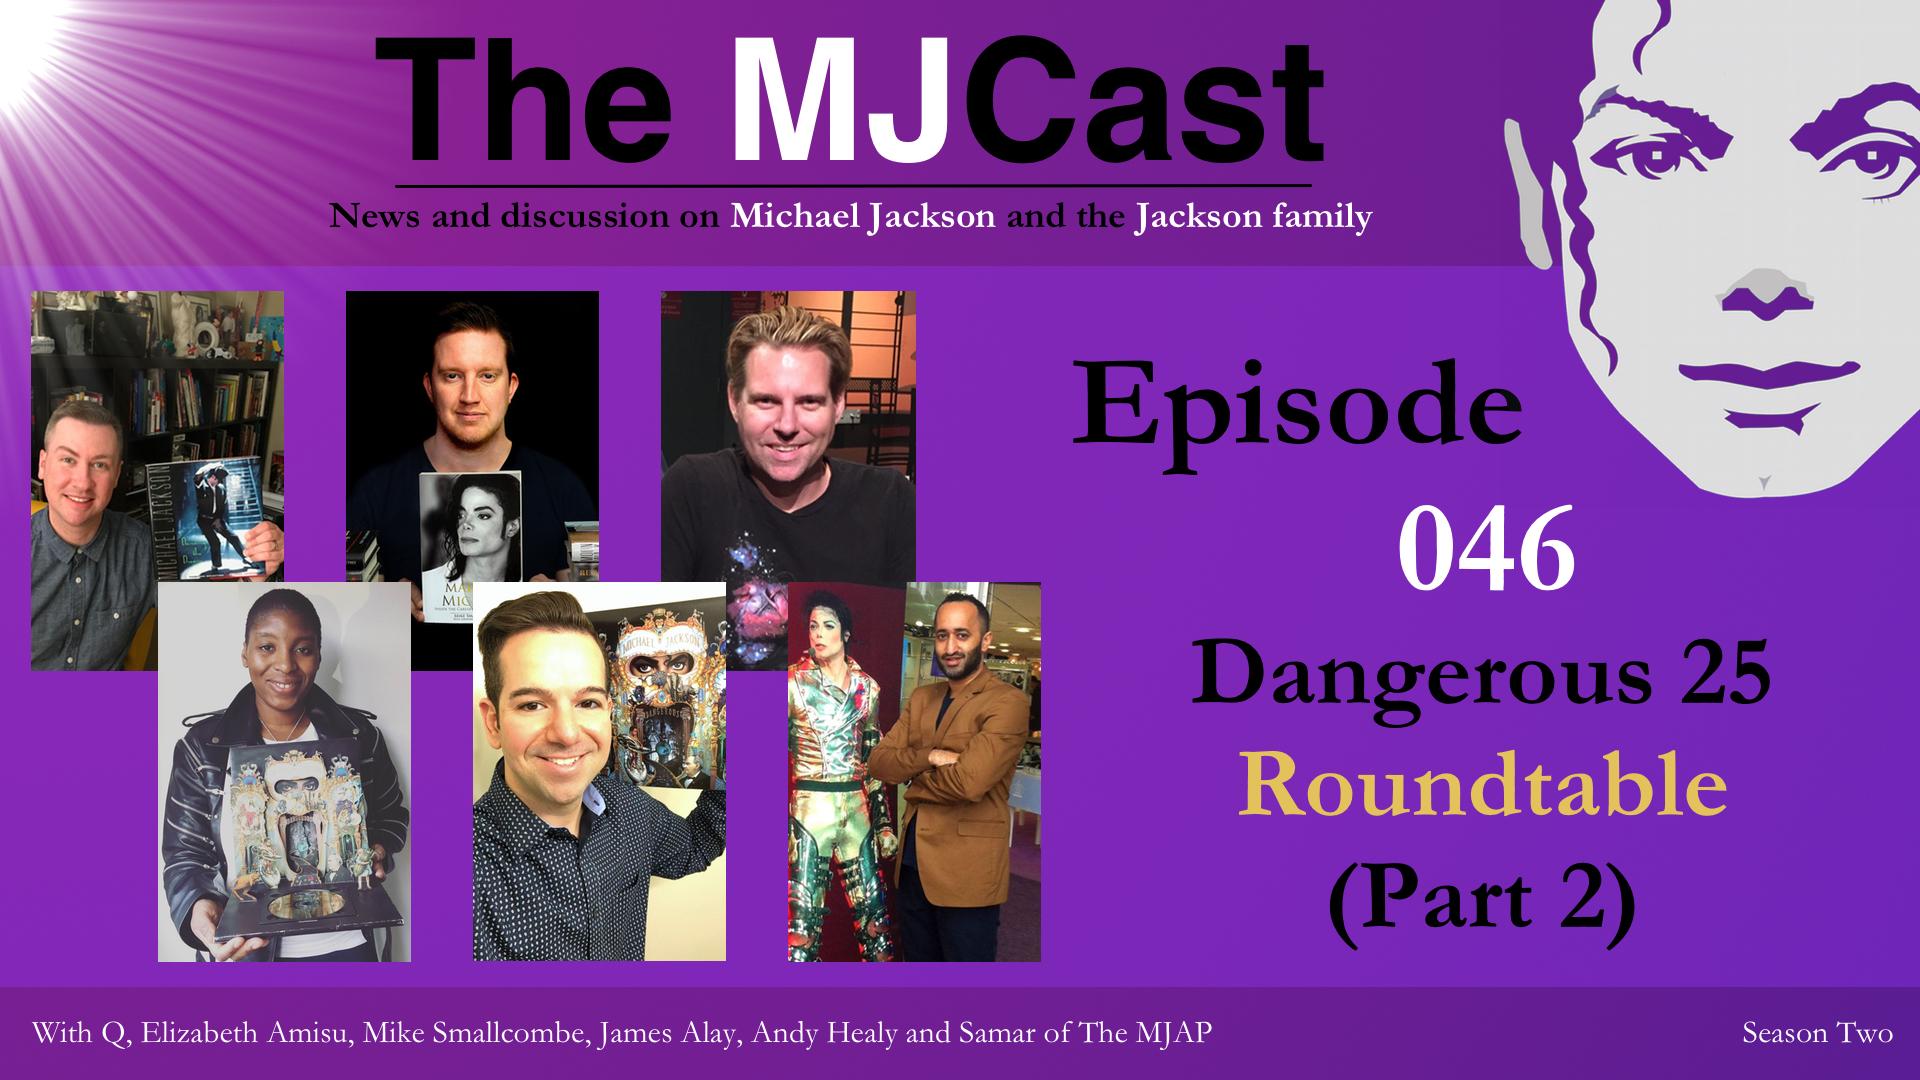 episode-046-dangerous-25-roundtable-part-2-show-art-2